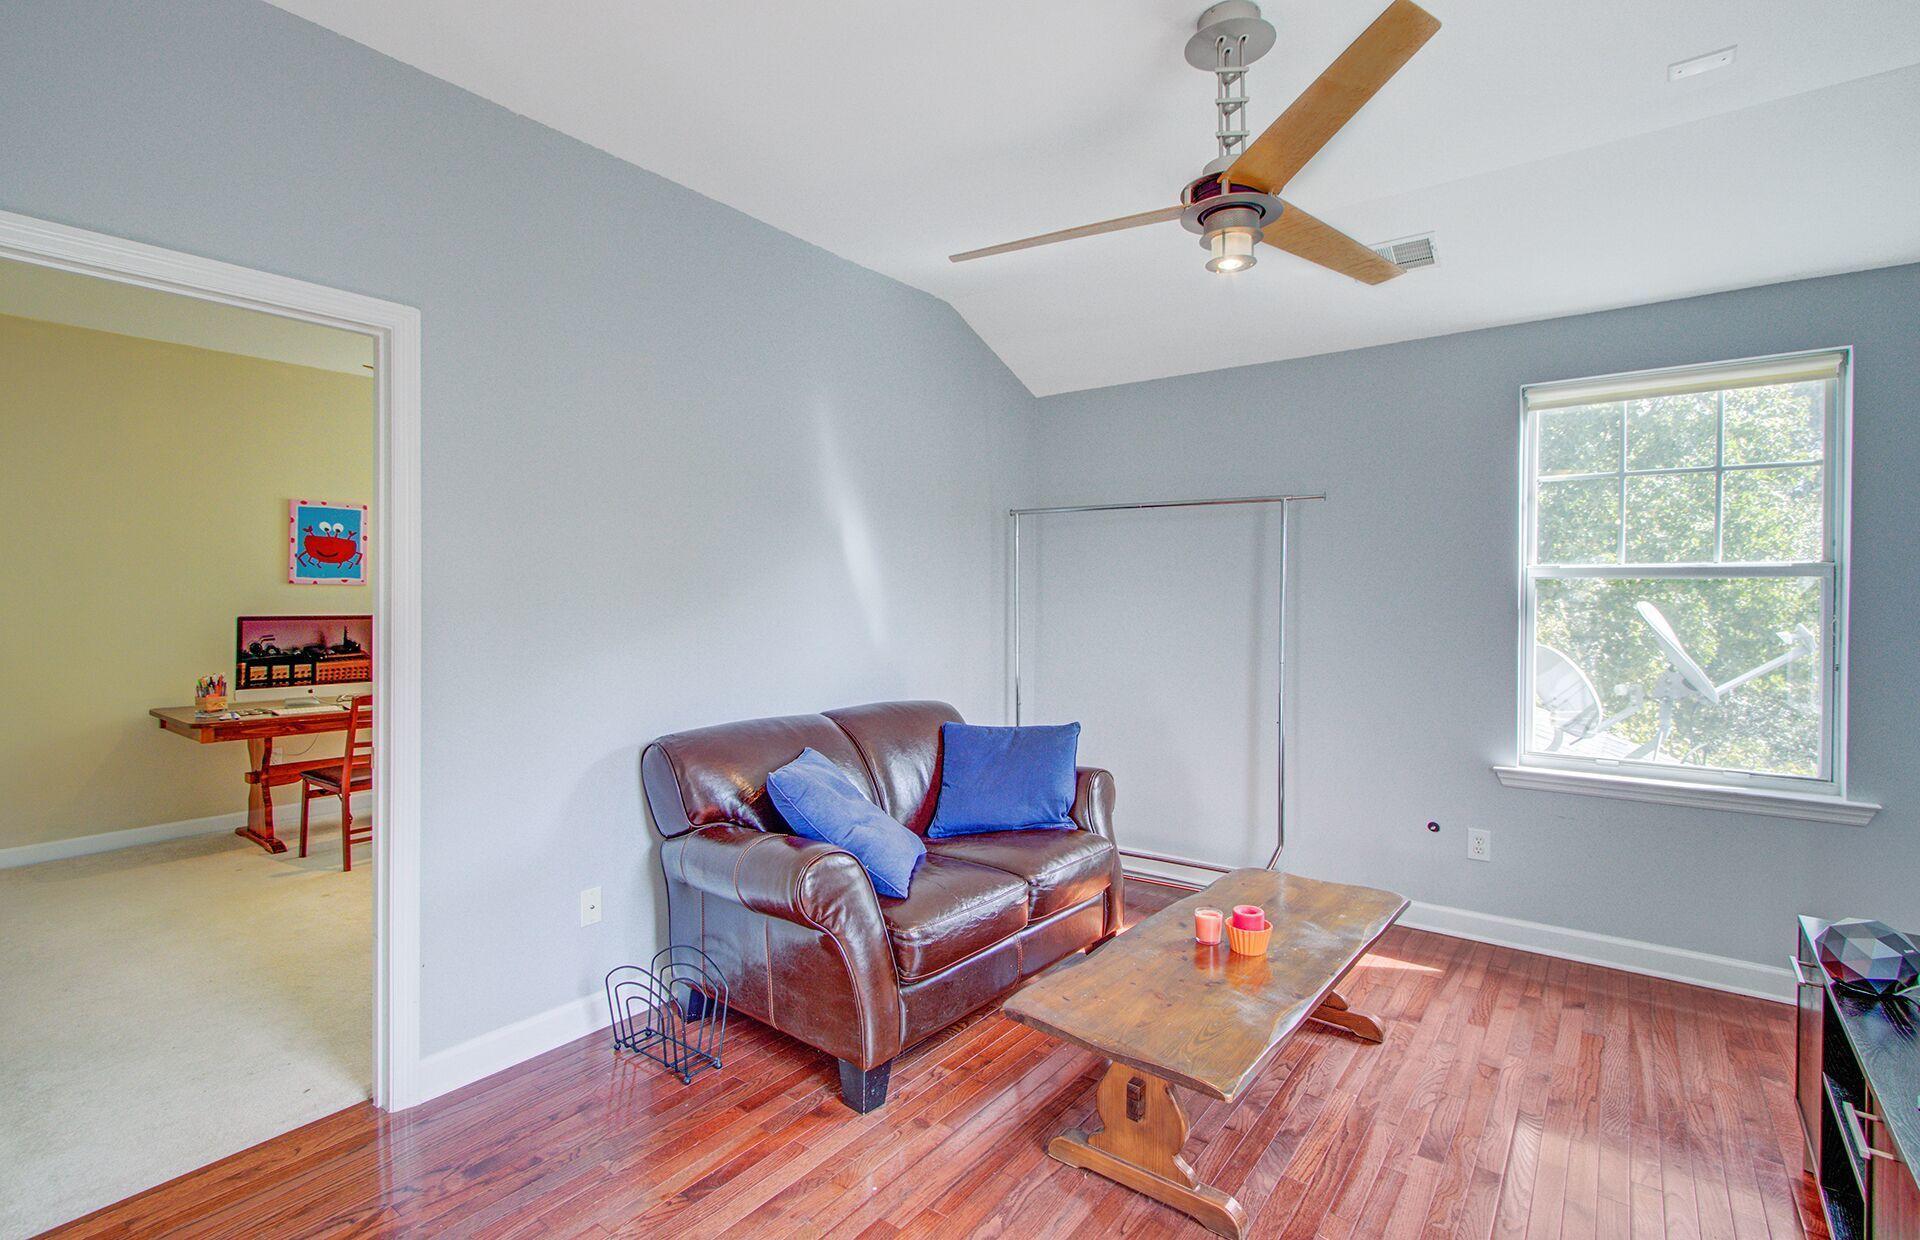 Dunes West Homes For Sale - 100 Fair Sailing, Mount Pleasant, SC - 21